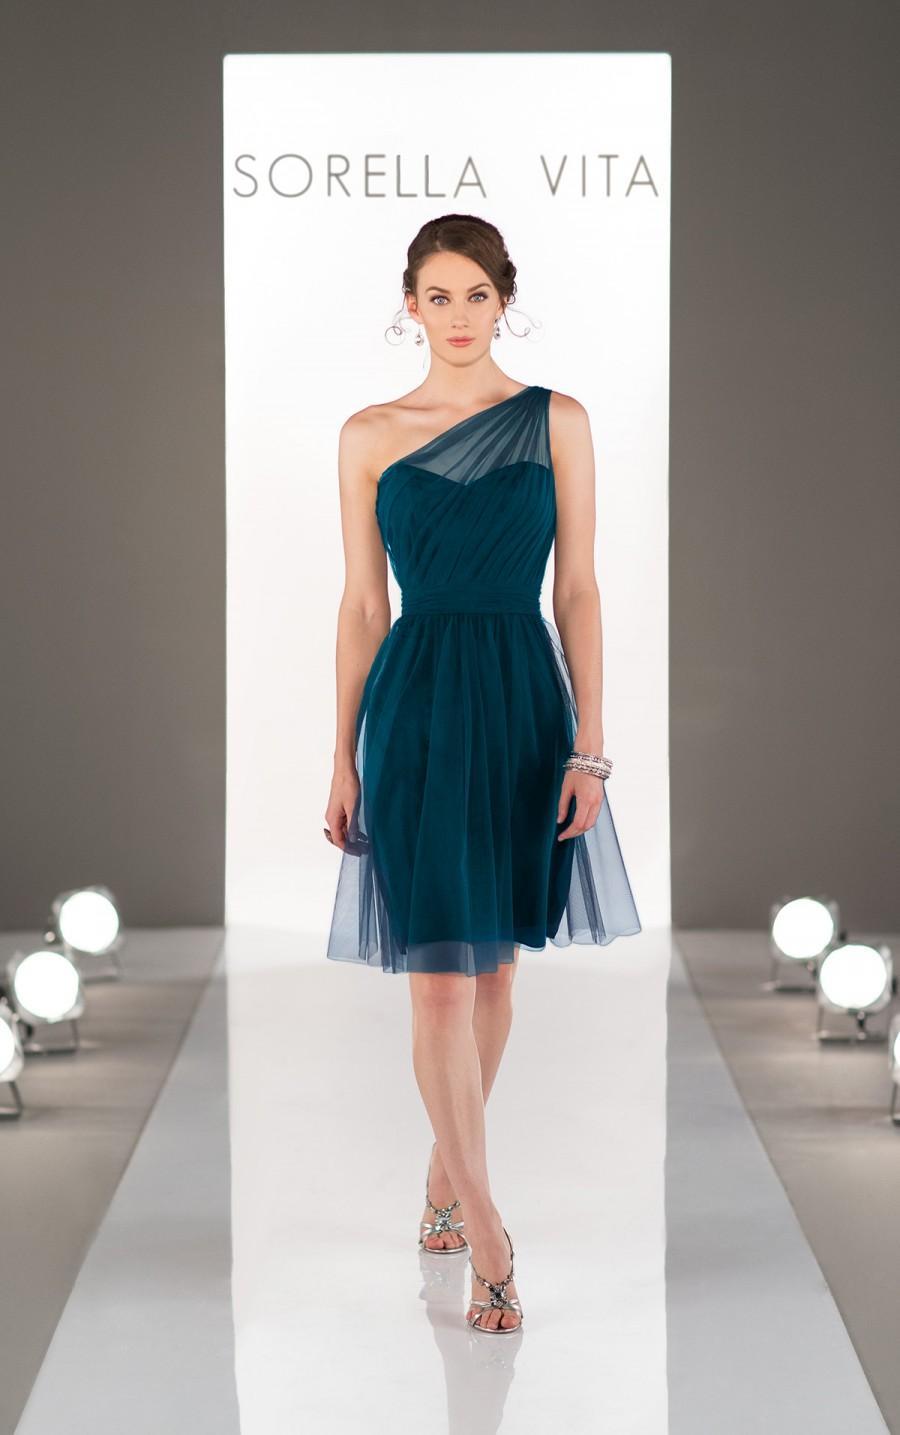 زفاف - Sorella Vita Romantic Bridesmaid Dress Style 8673